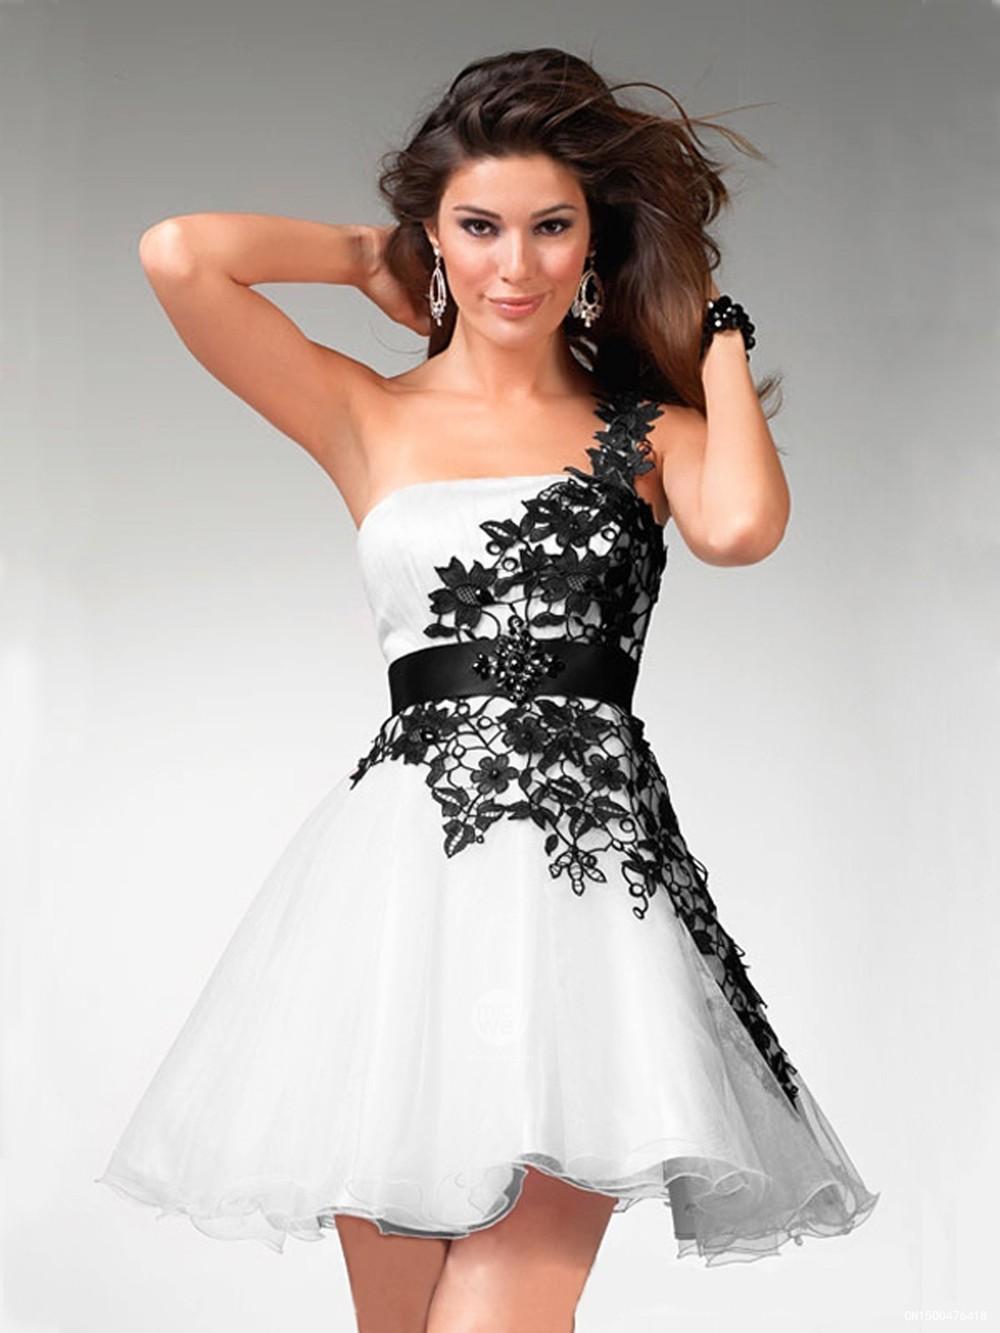 f89dd4782 فساتين قصيرة تركية , بالصور اجمل الفساتين التركيه القصيره - اجمل هدية